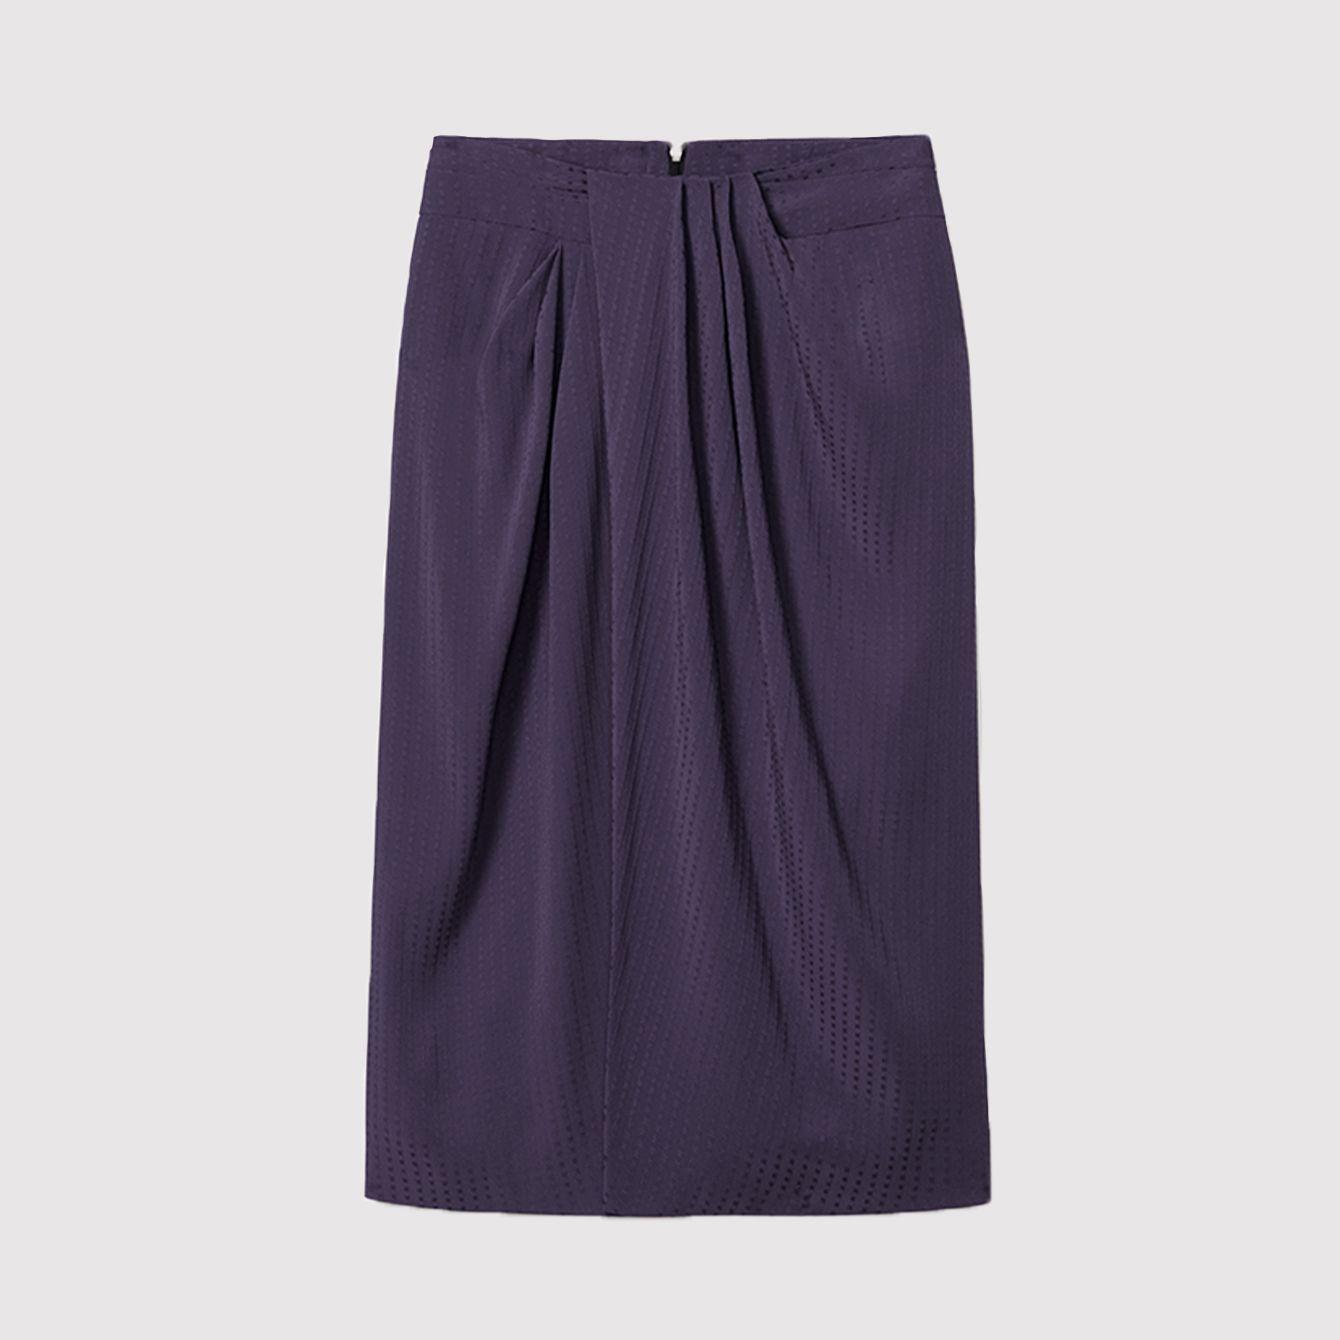 The Lenox Skirt—Foulard